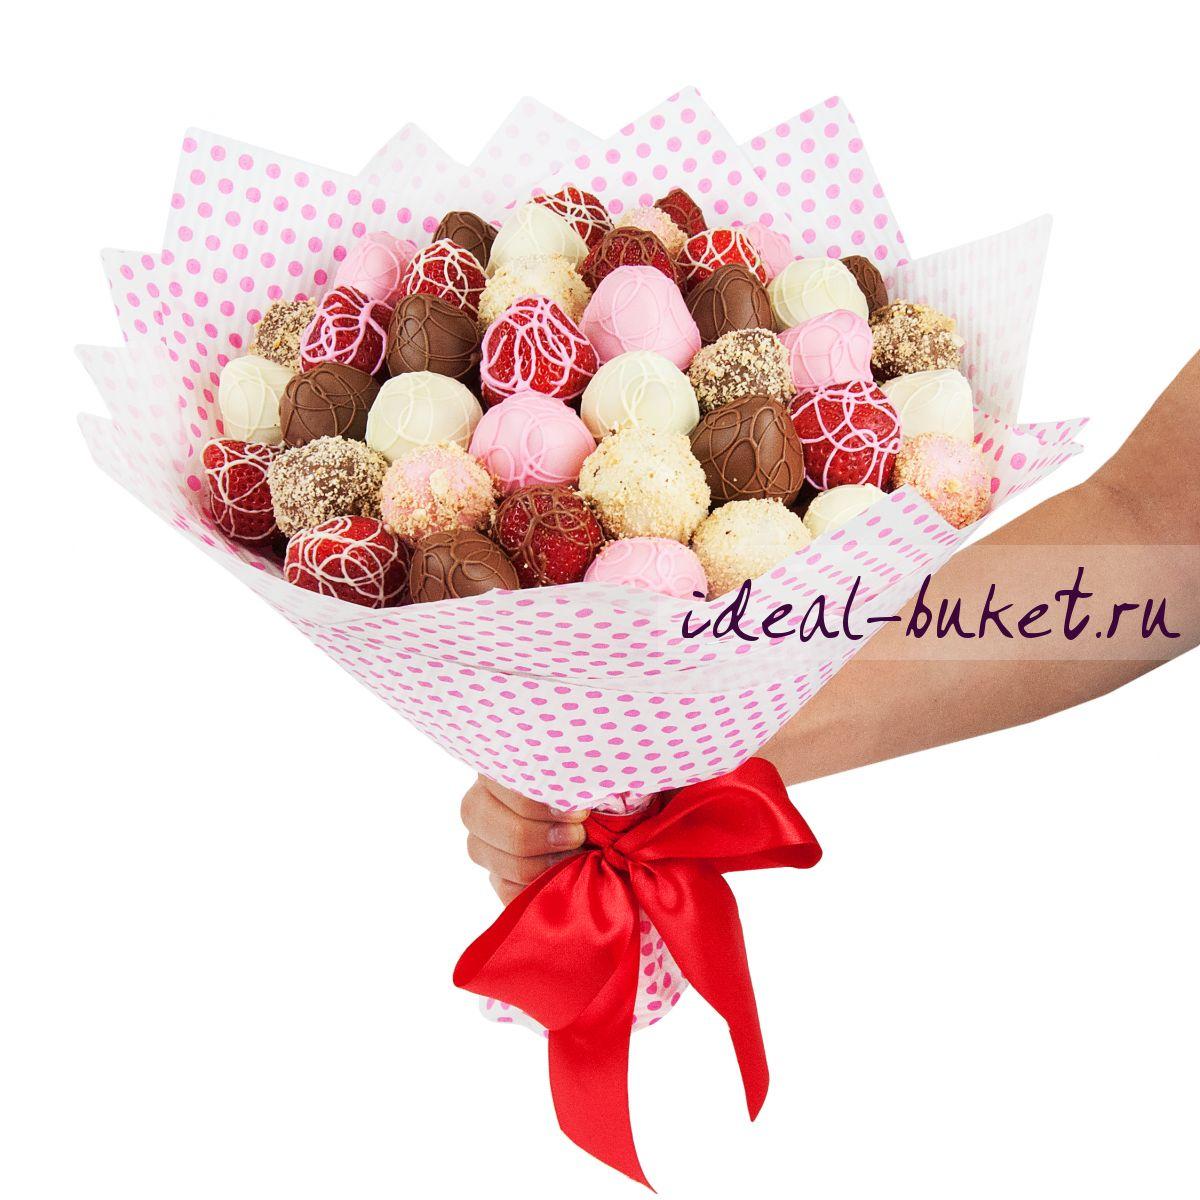 Подарки из конфет и фруктов 76